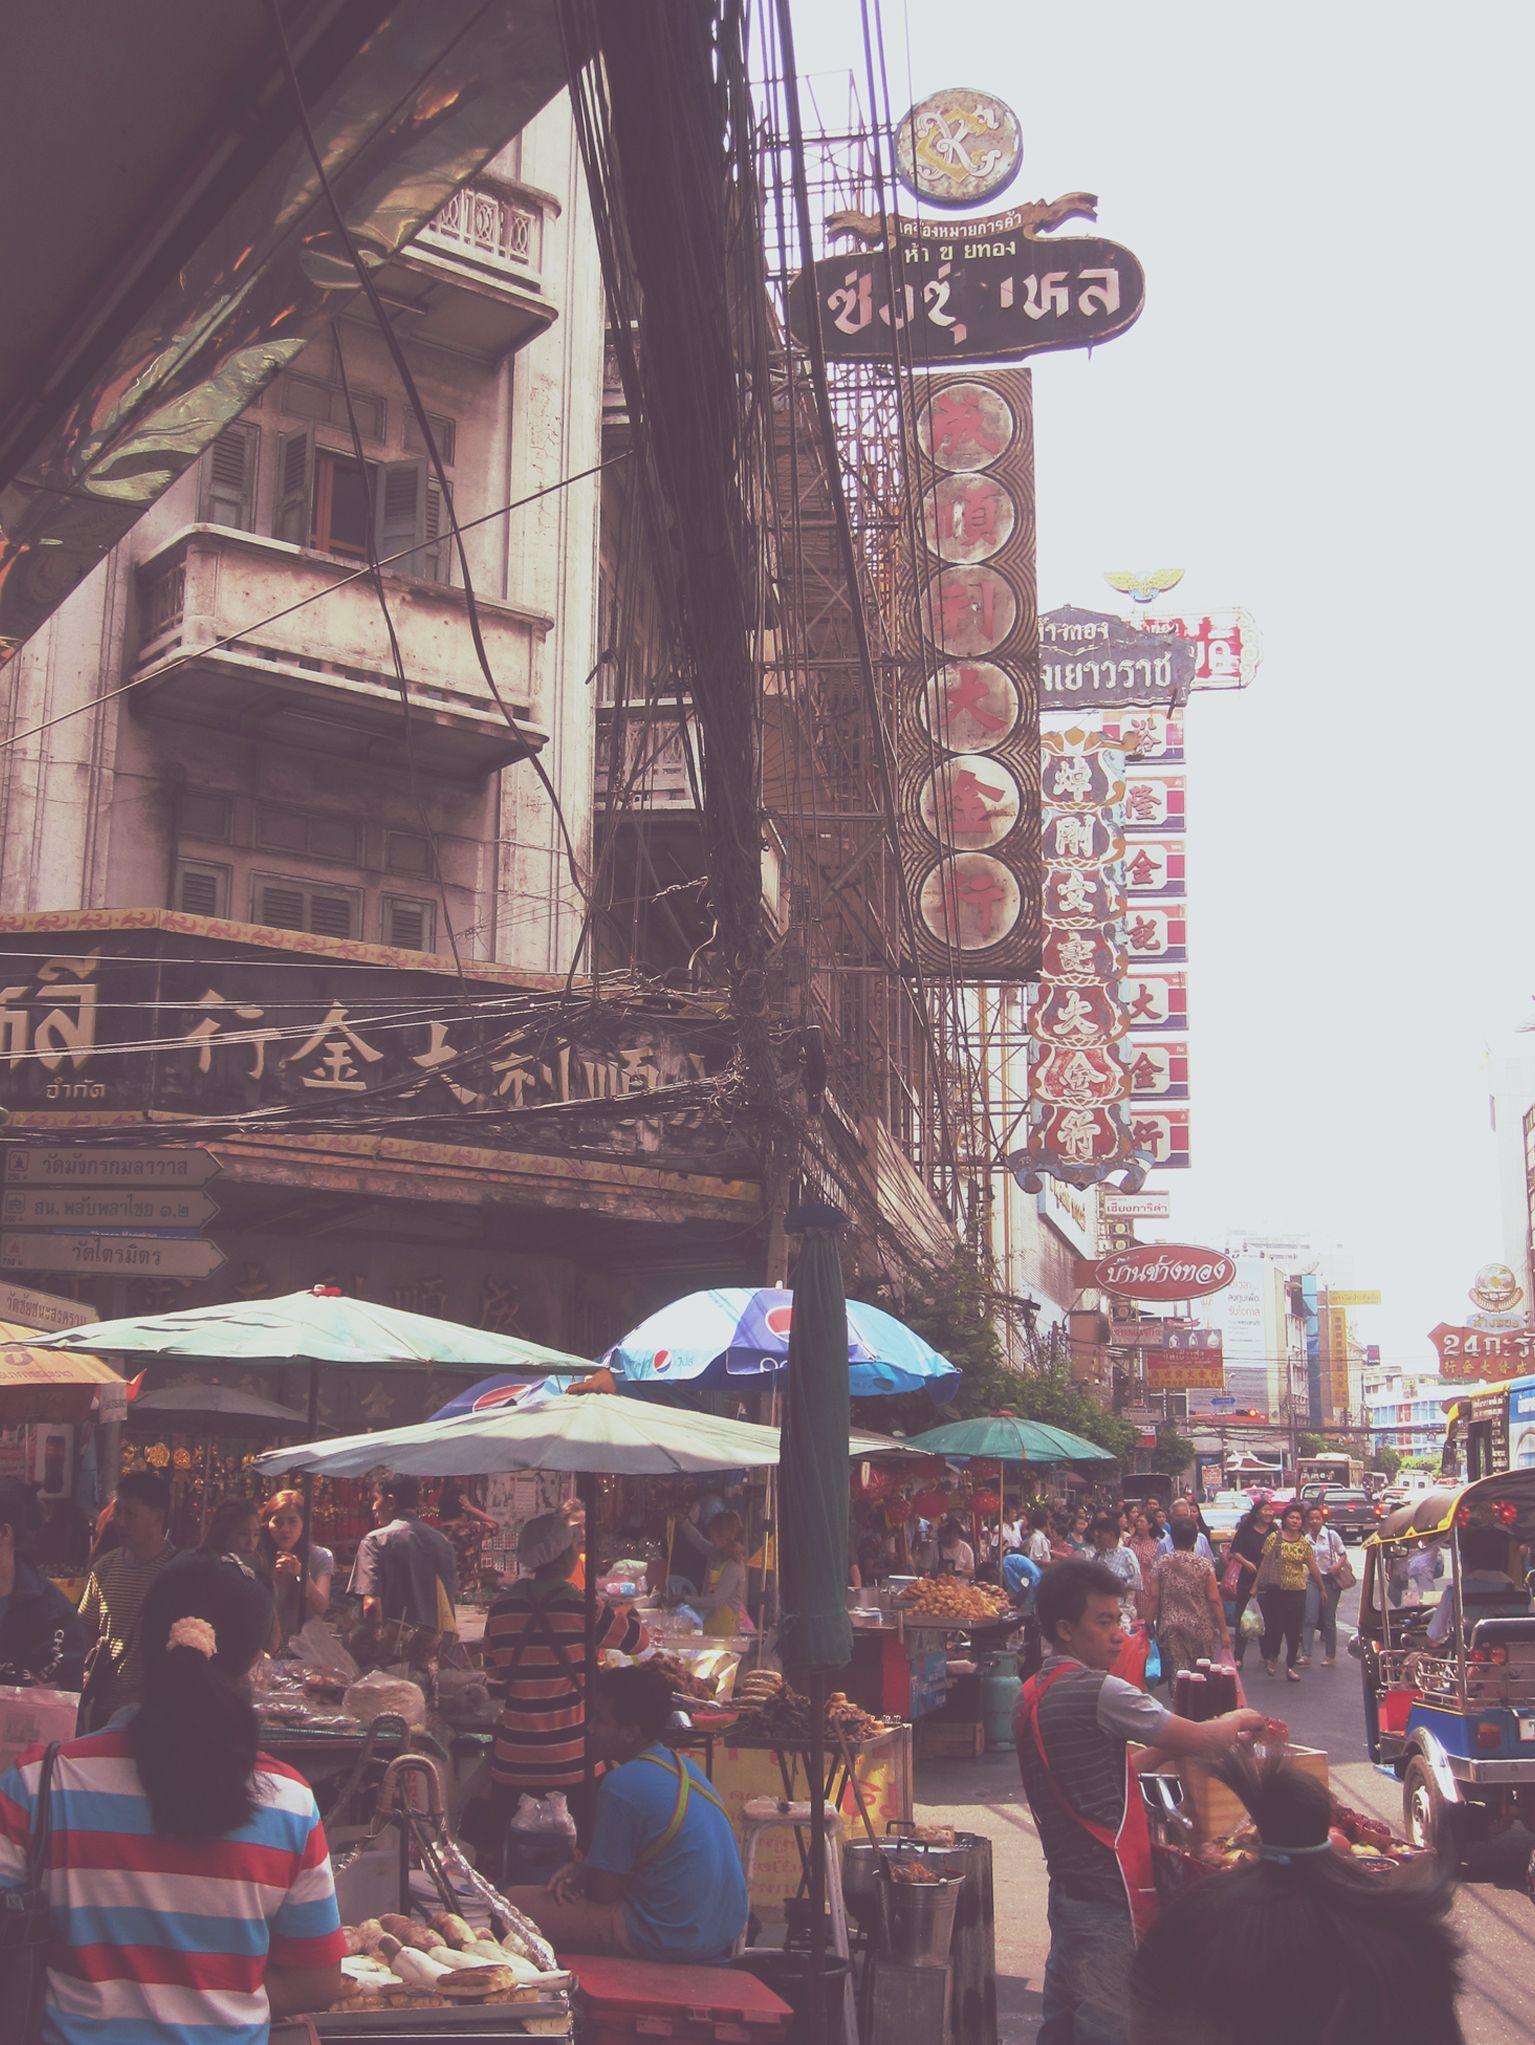 Bangkok chinatown street scene